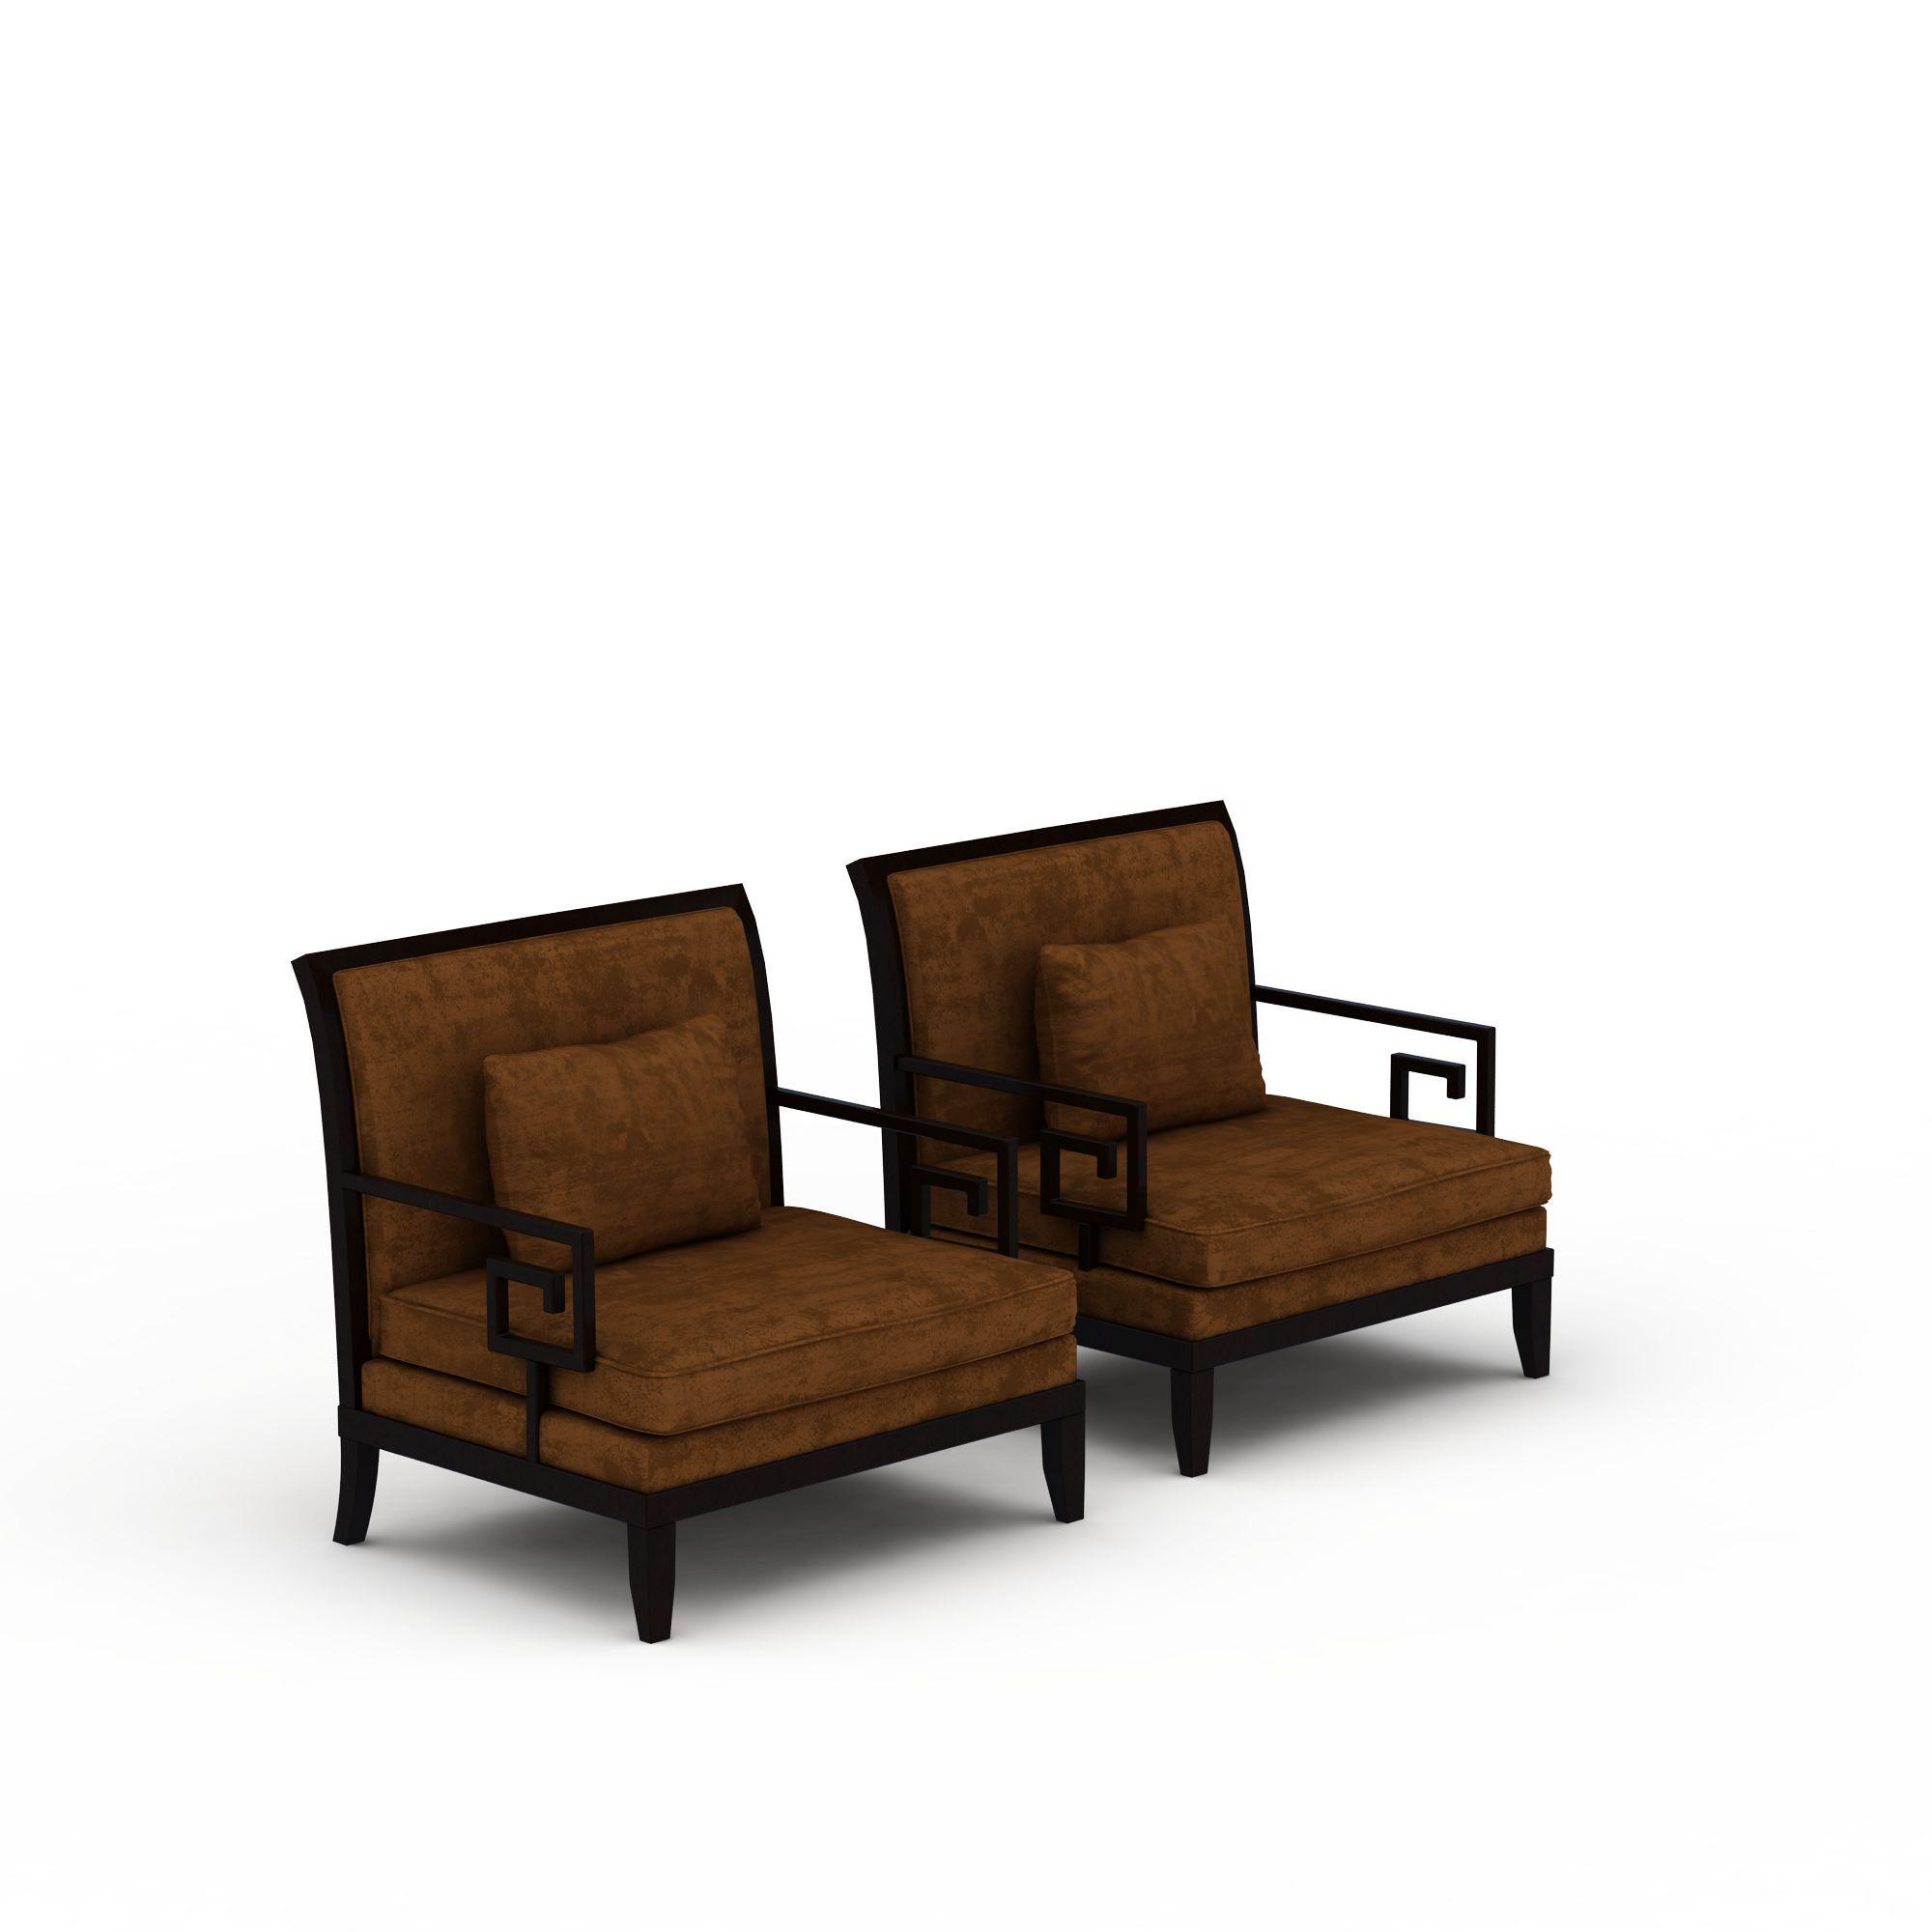 新中式休闲椅子png高清图  新中式休闲椅子高清图详情 设计师 3d学院